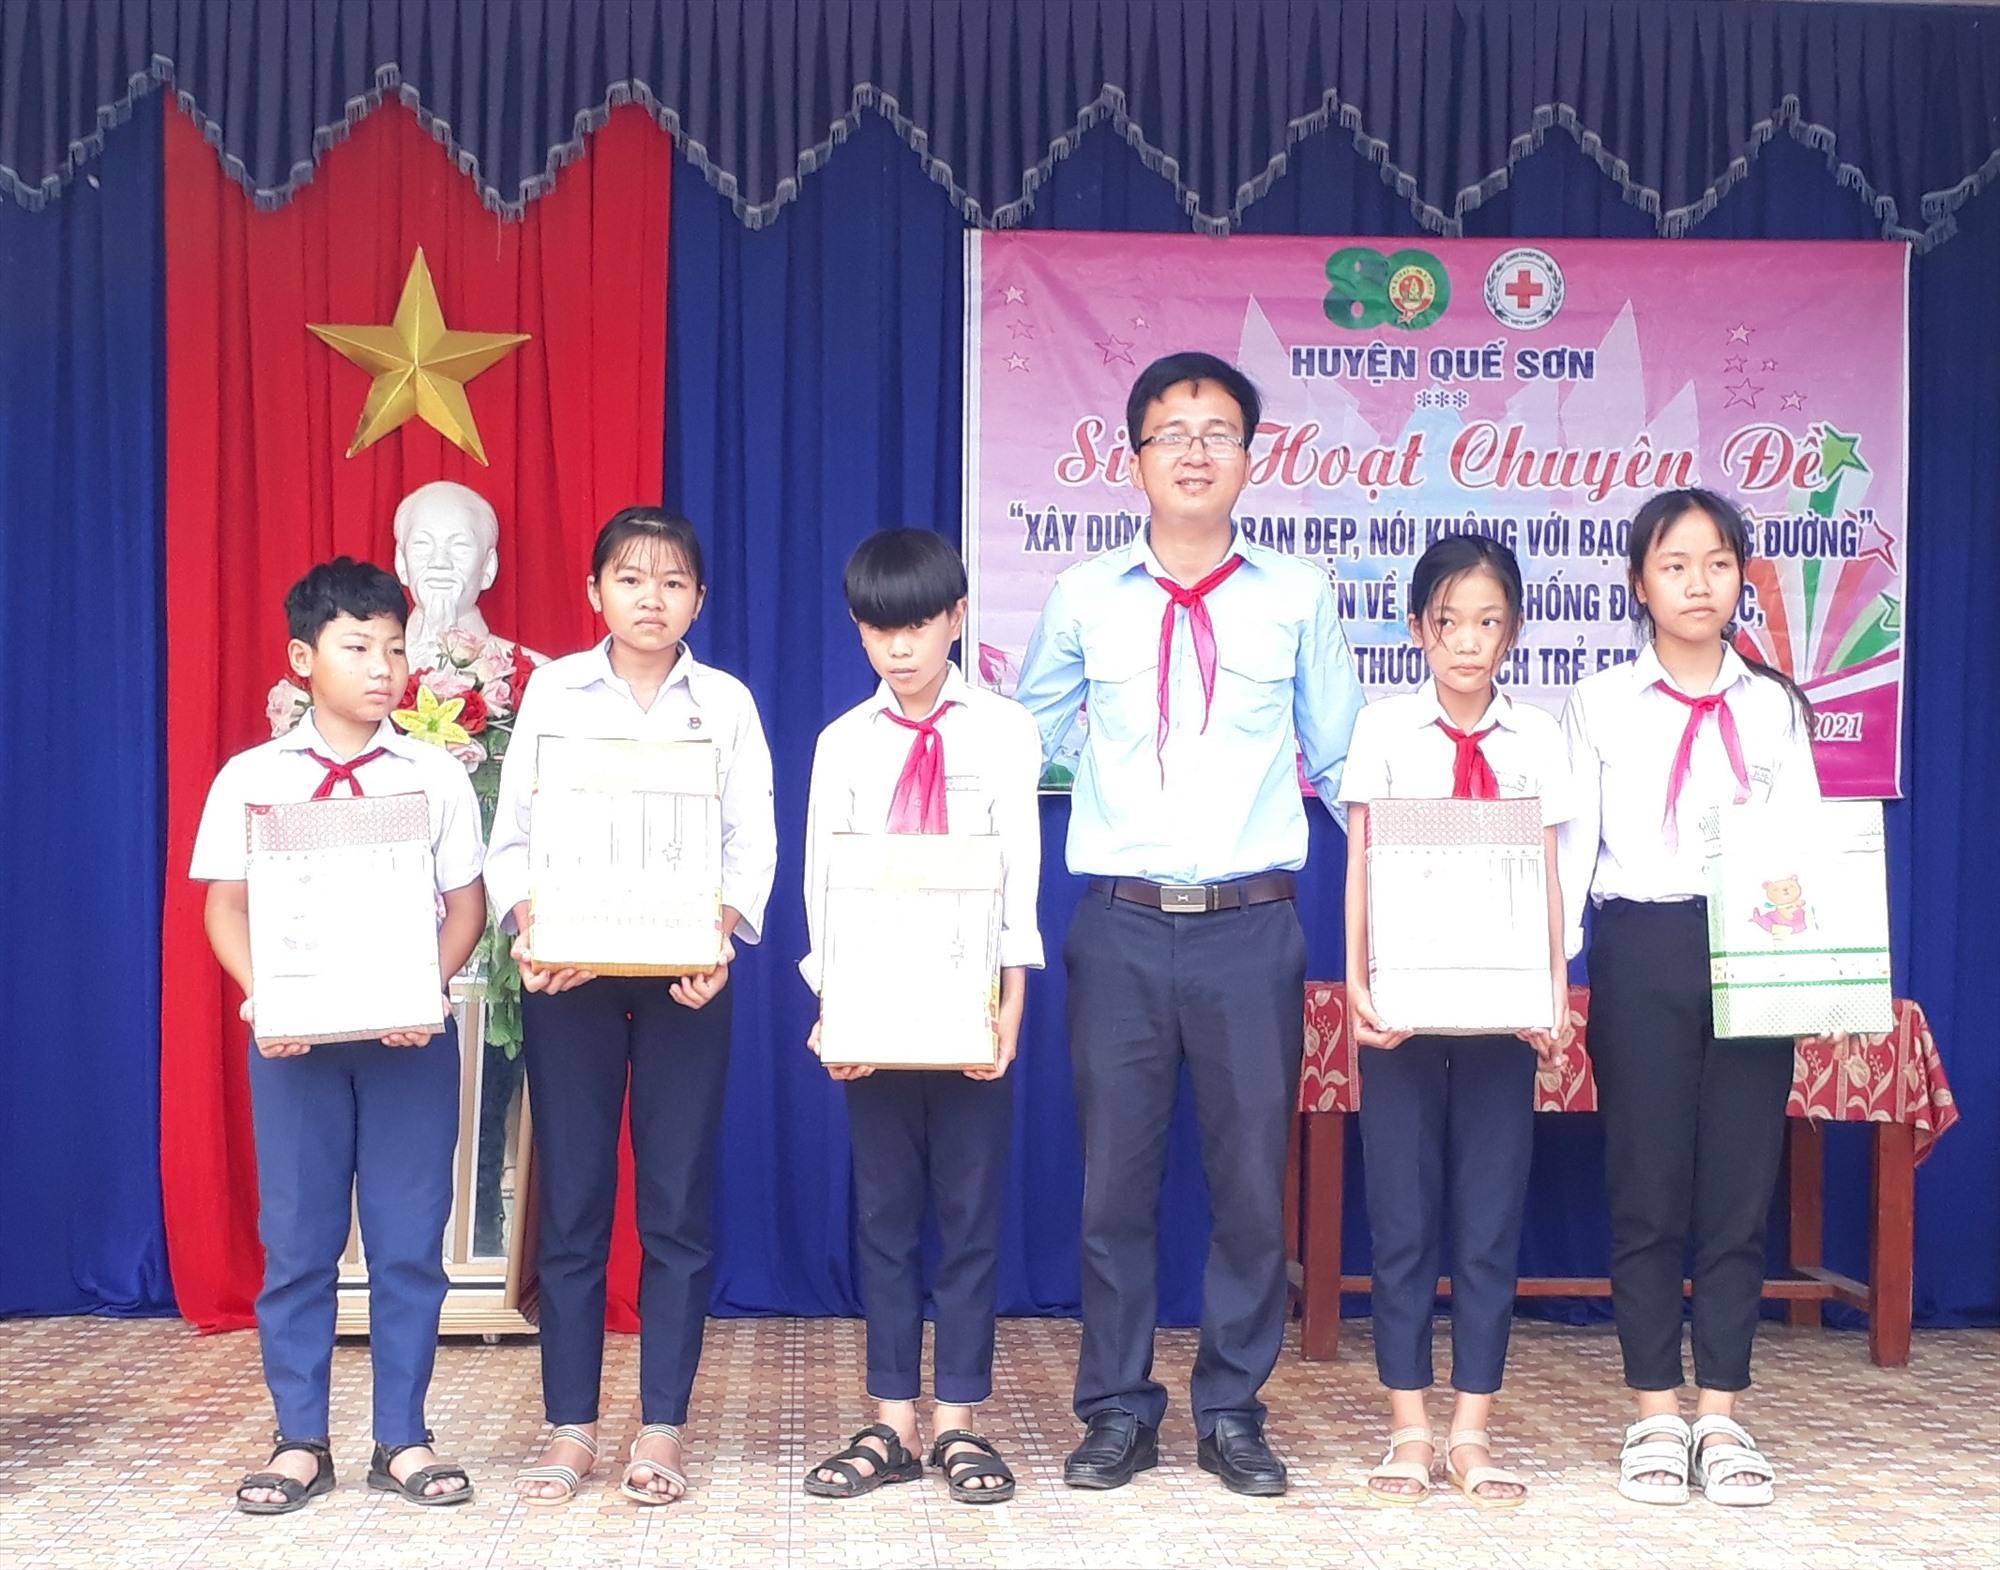 Hội đồng Đội Quế Sơn tặng quà hỗ trợ học sinh khó khăn ở xã Quế Minh. Ảnh: T.